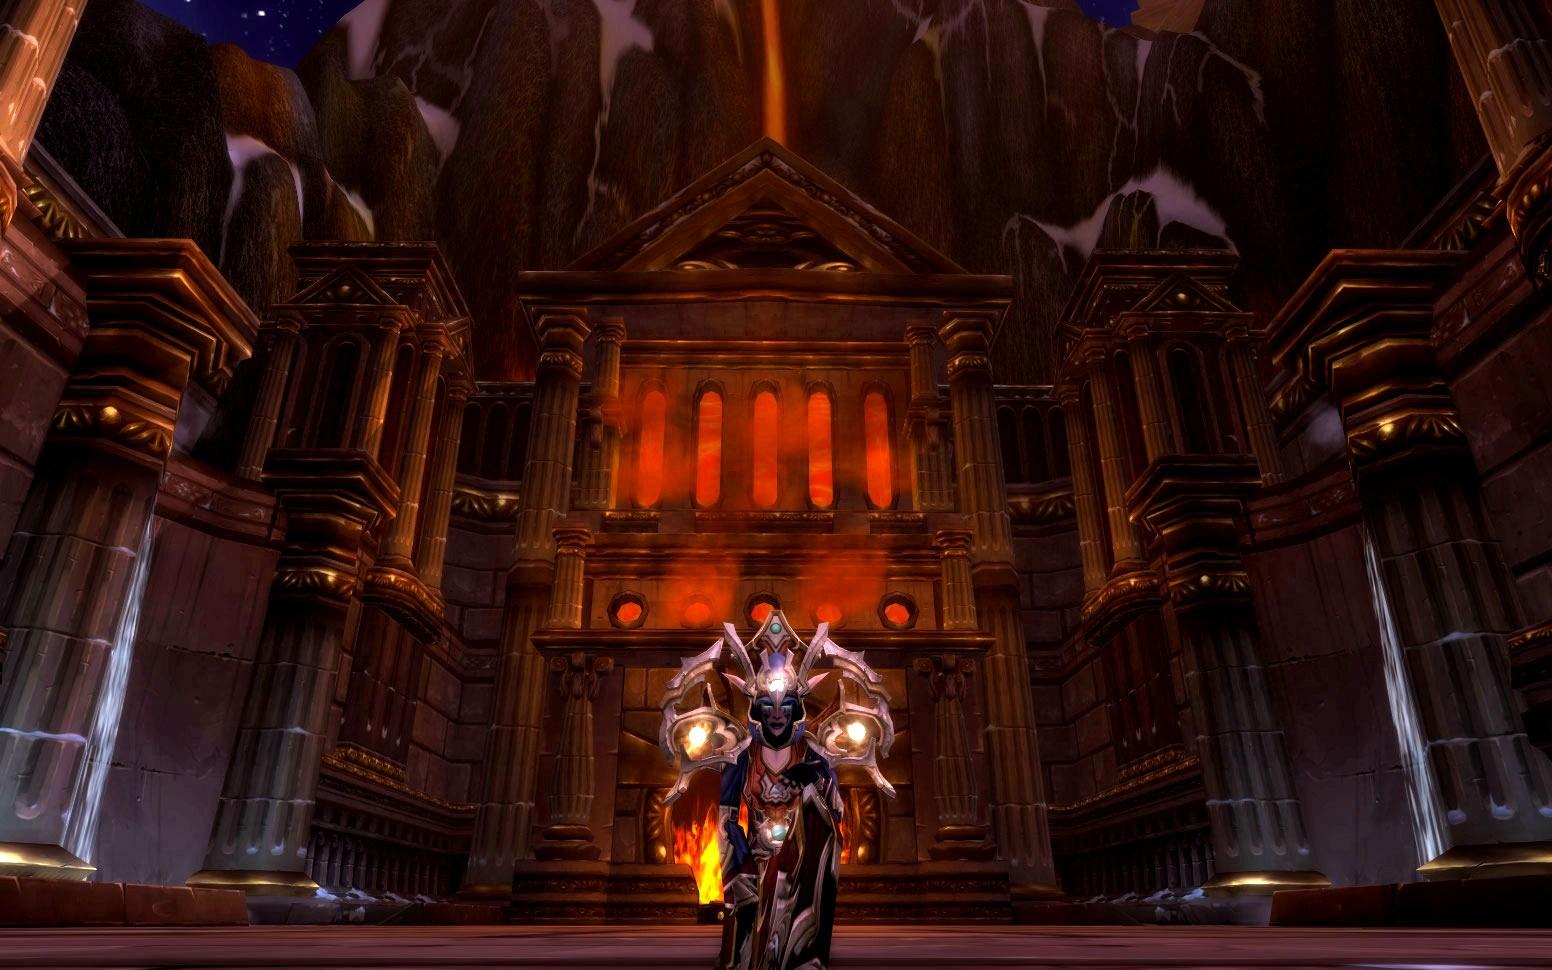 魔兽世界11大职业黄金挑战套装犀利展示一览